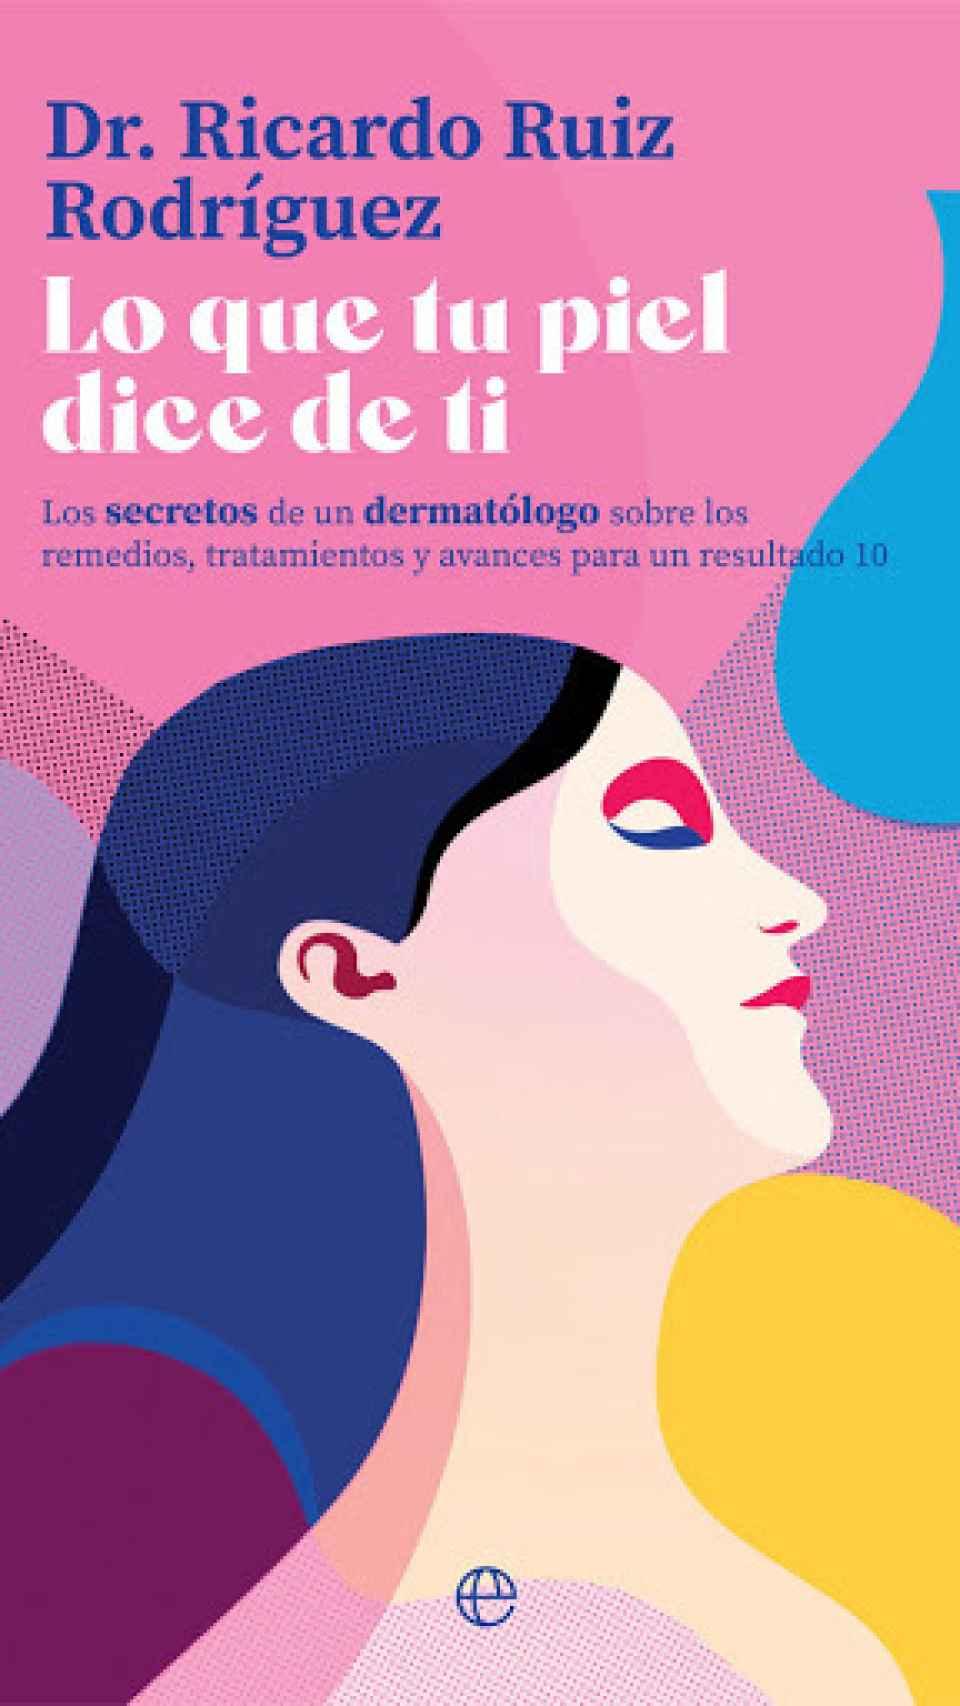 Portada del nuevo libro del doctor Ricardo Ruiz.